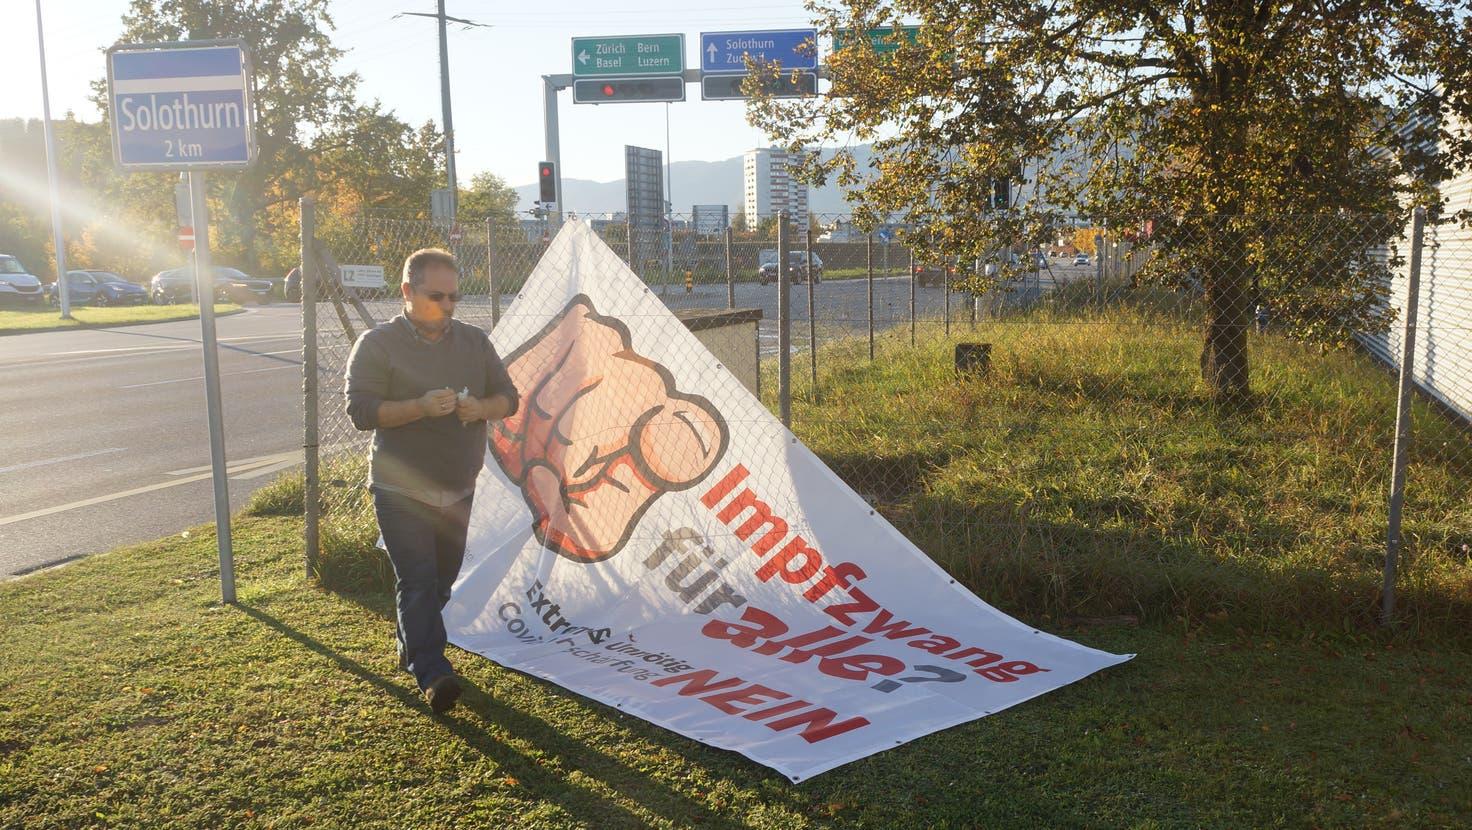 Carlo Rüsics, SVP Gemeinderat und Mitglied der «Freunde der Verfassung» hängt das Banner erneut an der Stelle auf, wo es von der Polizei entfernt wurde. (Urs Byland)